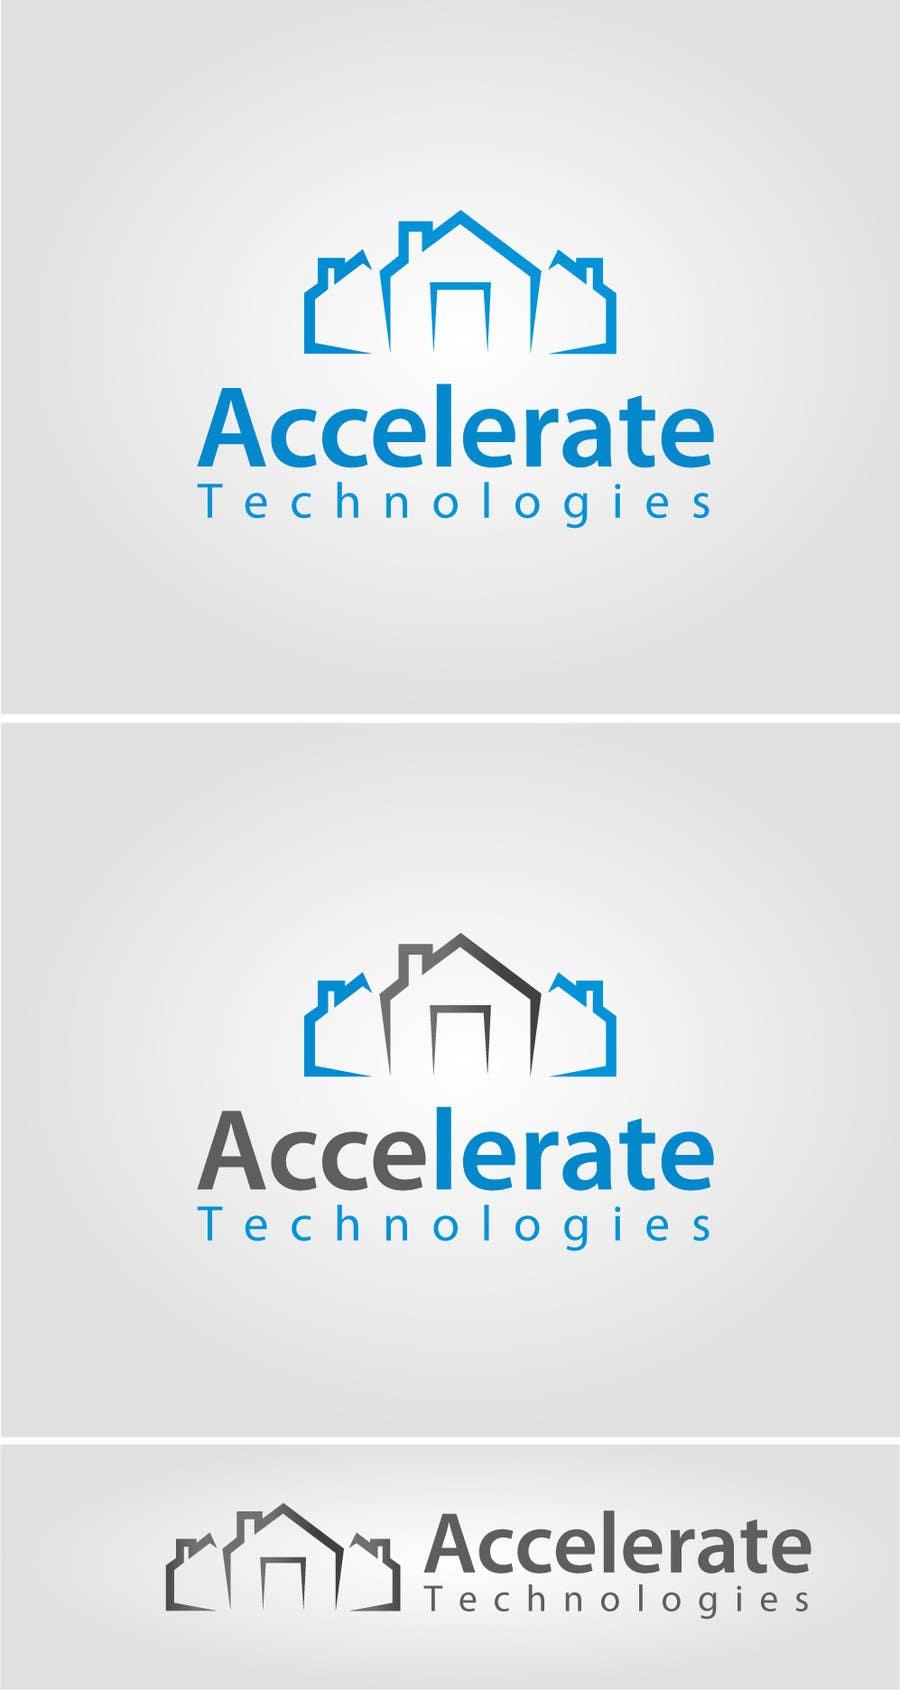 Penyertaan Peraduan #82 untuk Design a Logo for Accelerate Technologies